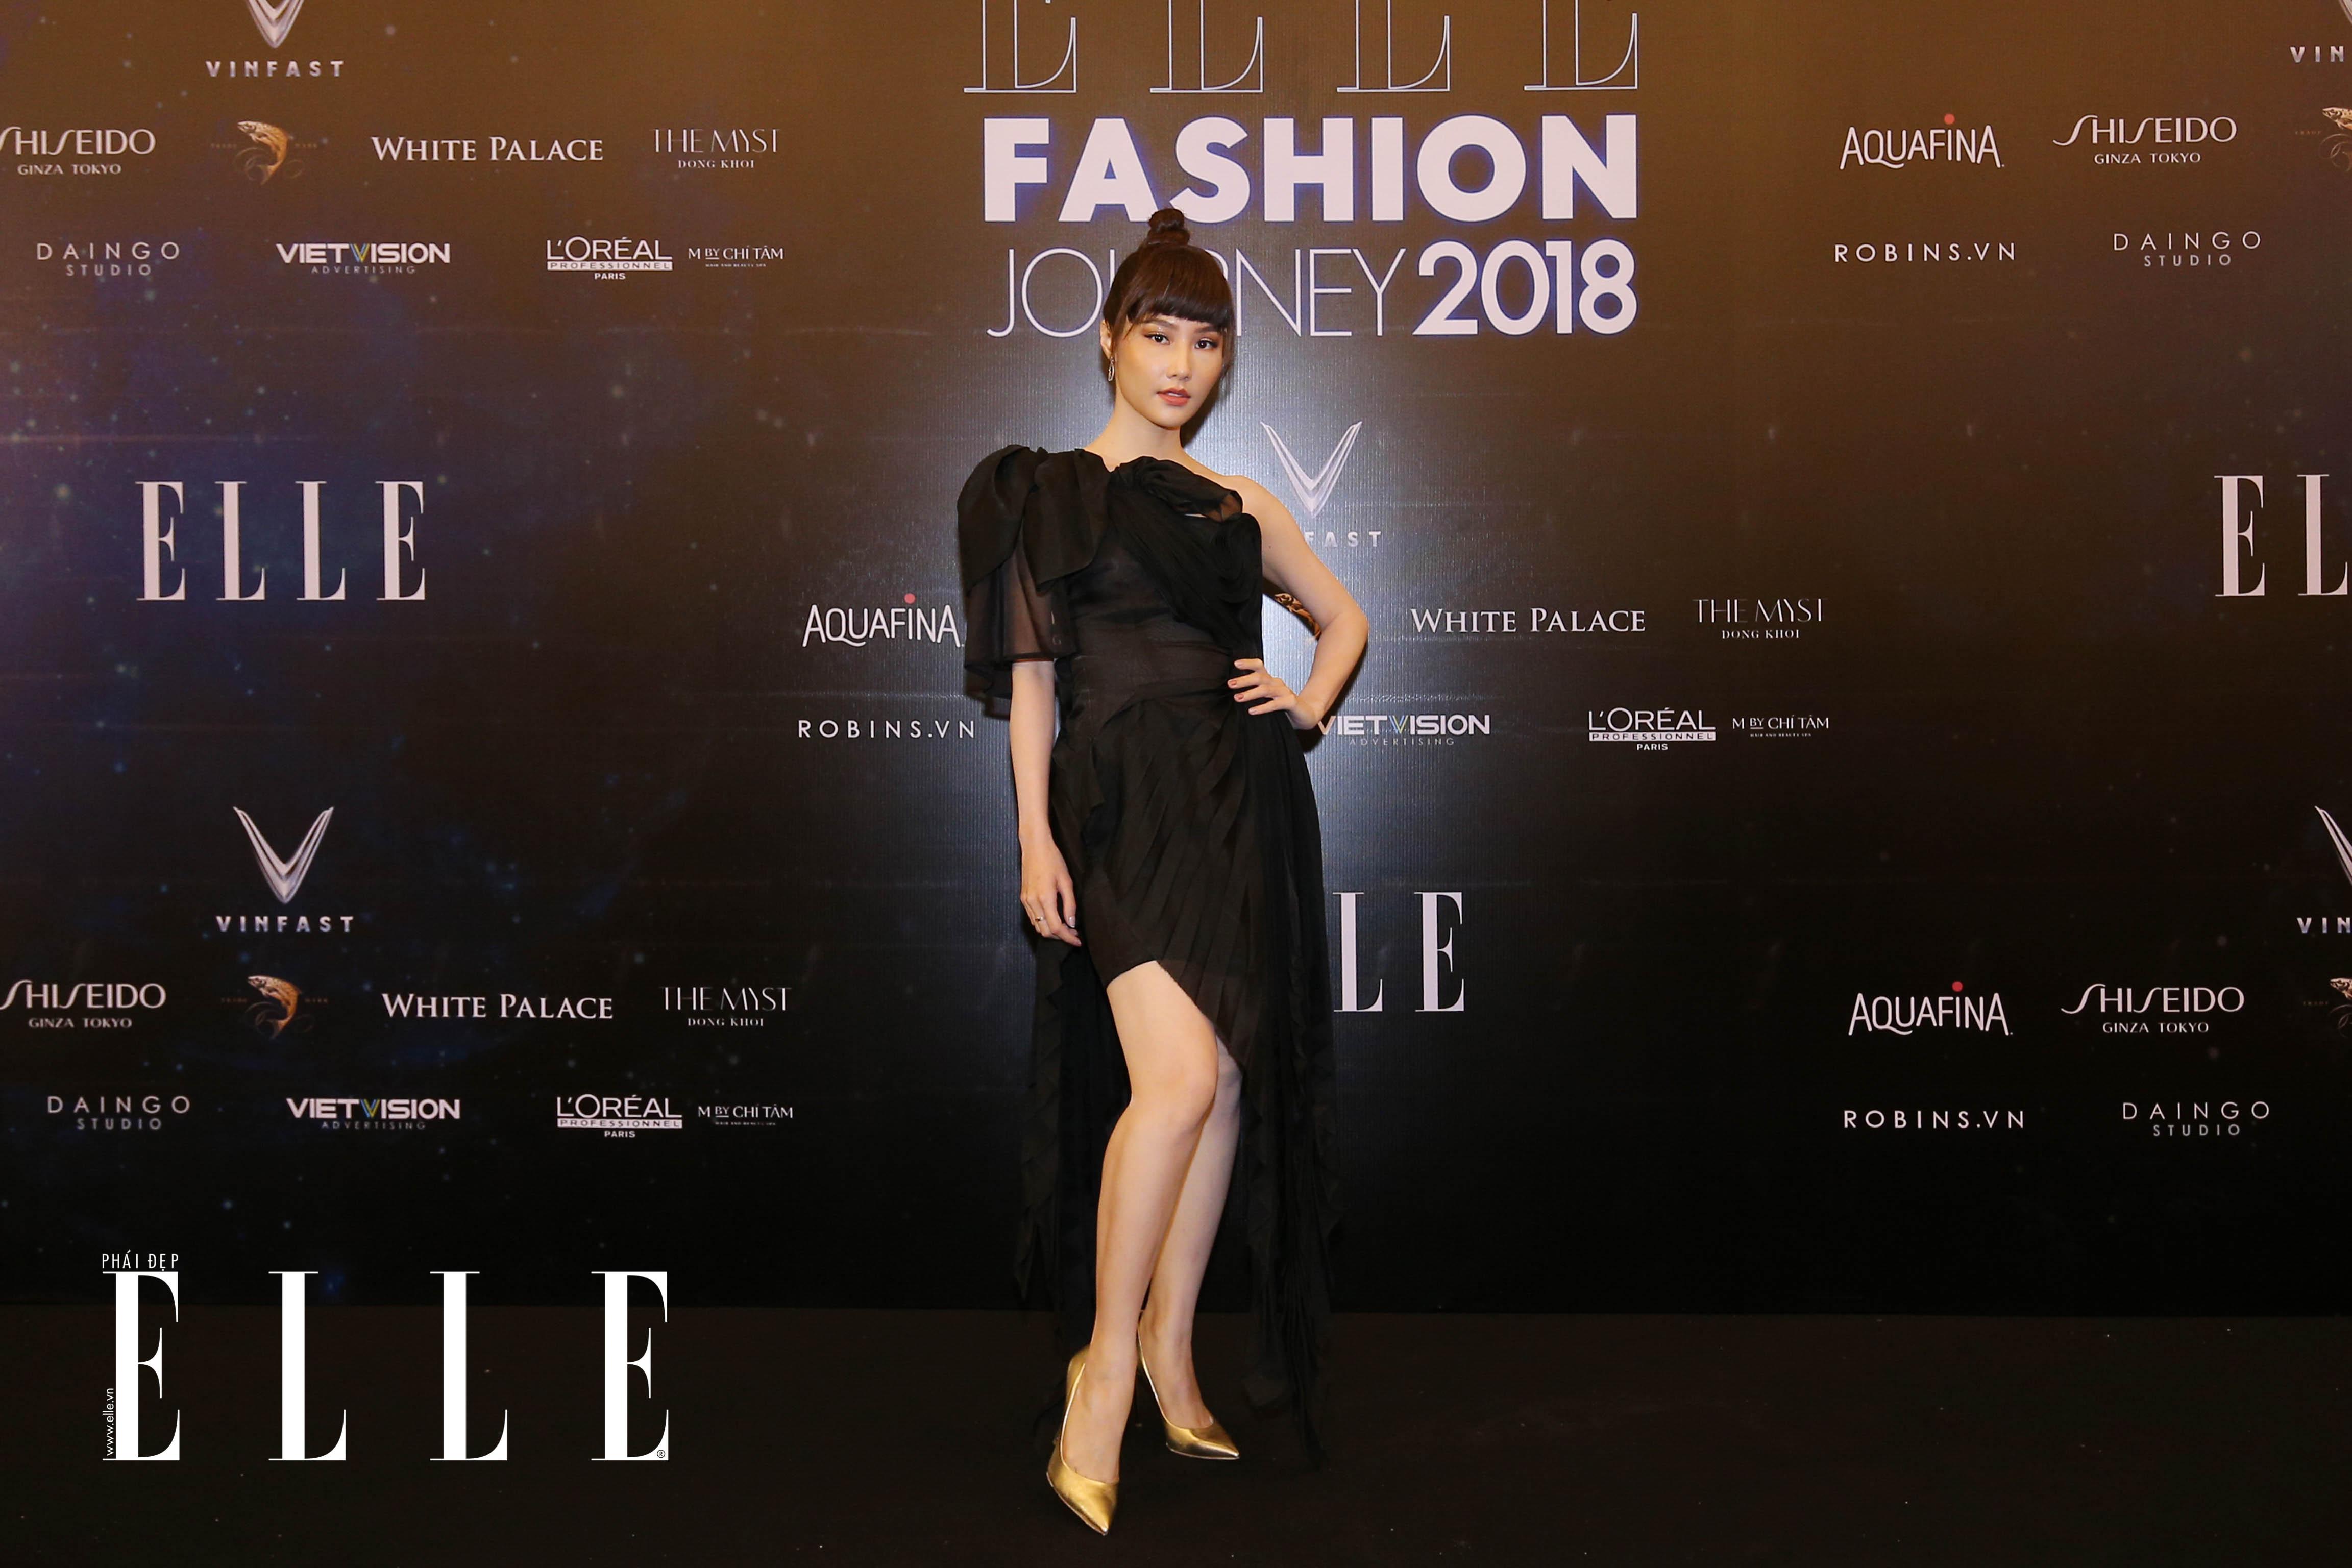 BL8Q5862 Mỹ Tâm, Thanh Hằng cùng dàn sao rạng rỡ trên thảm đỏ ELLE Fashion Journey 2018